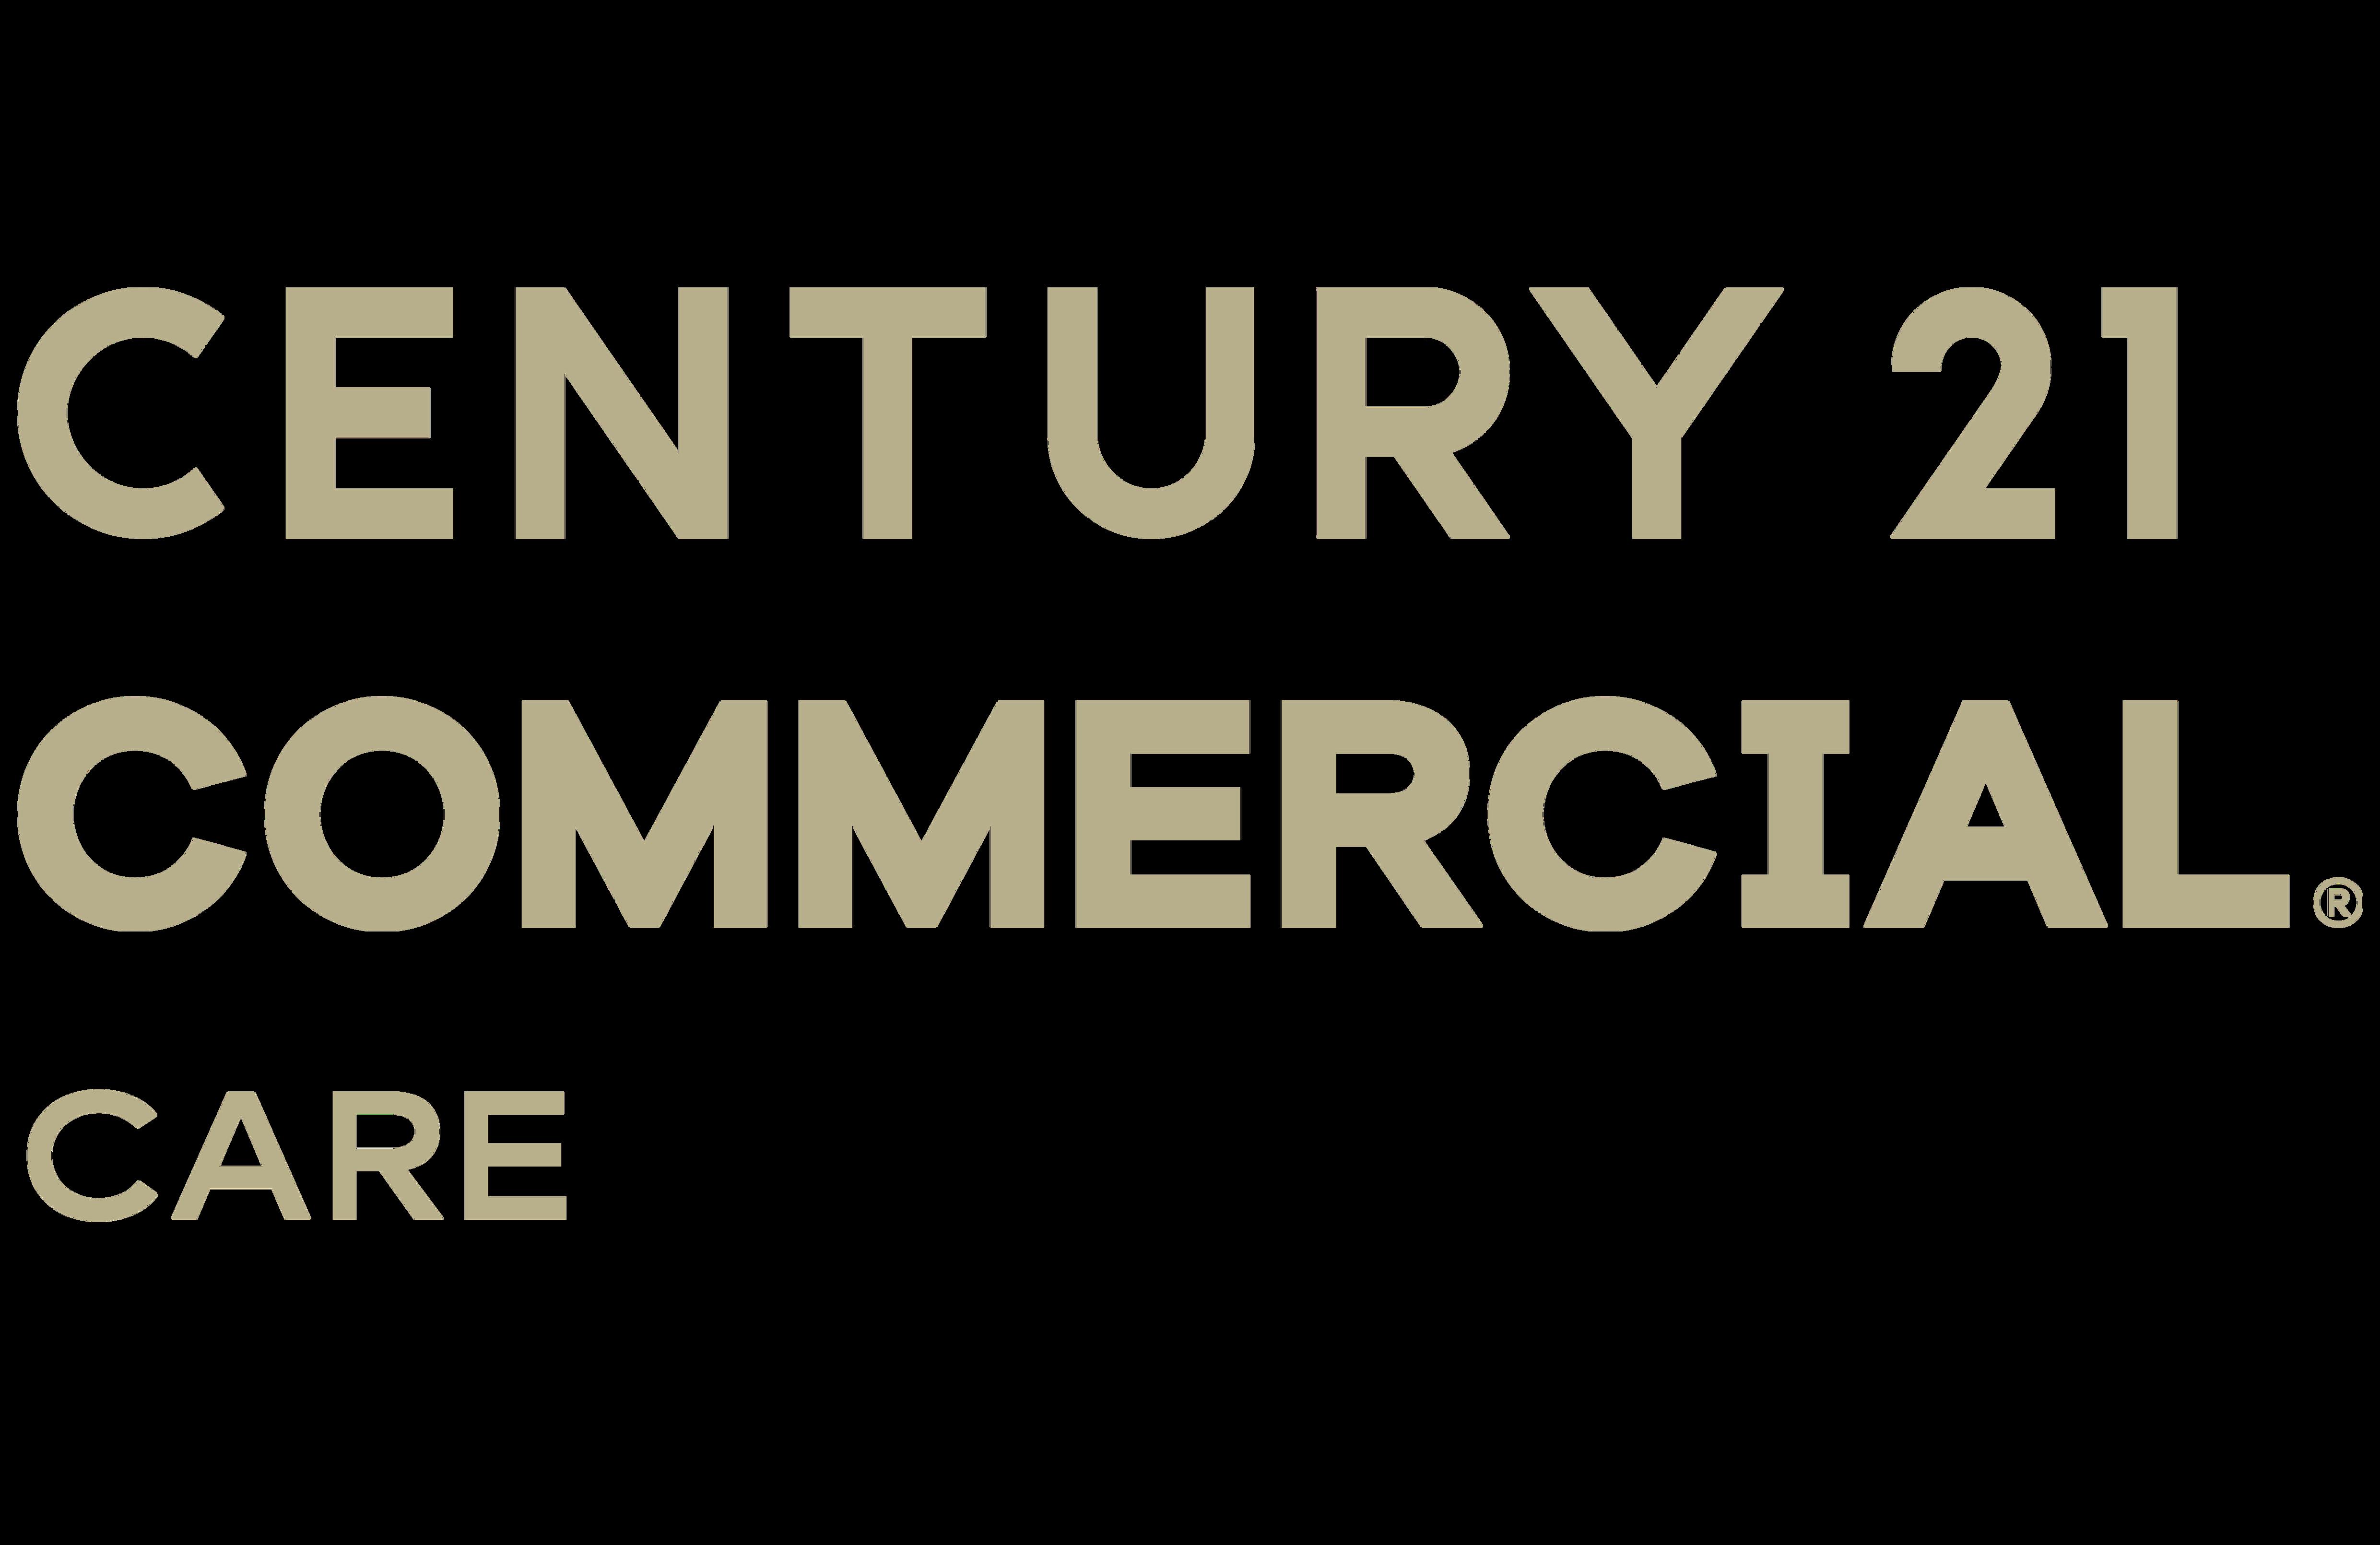 CENTURY 21 CARE